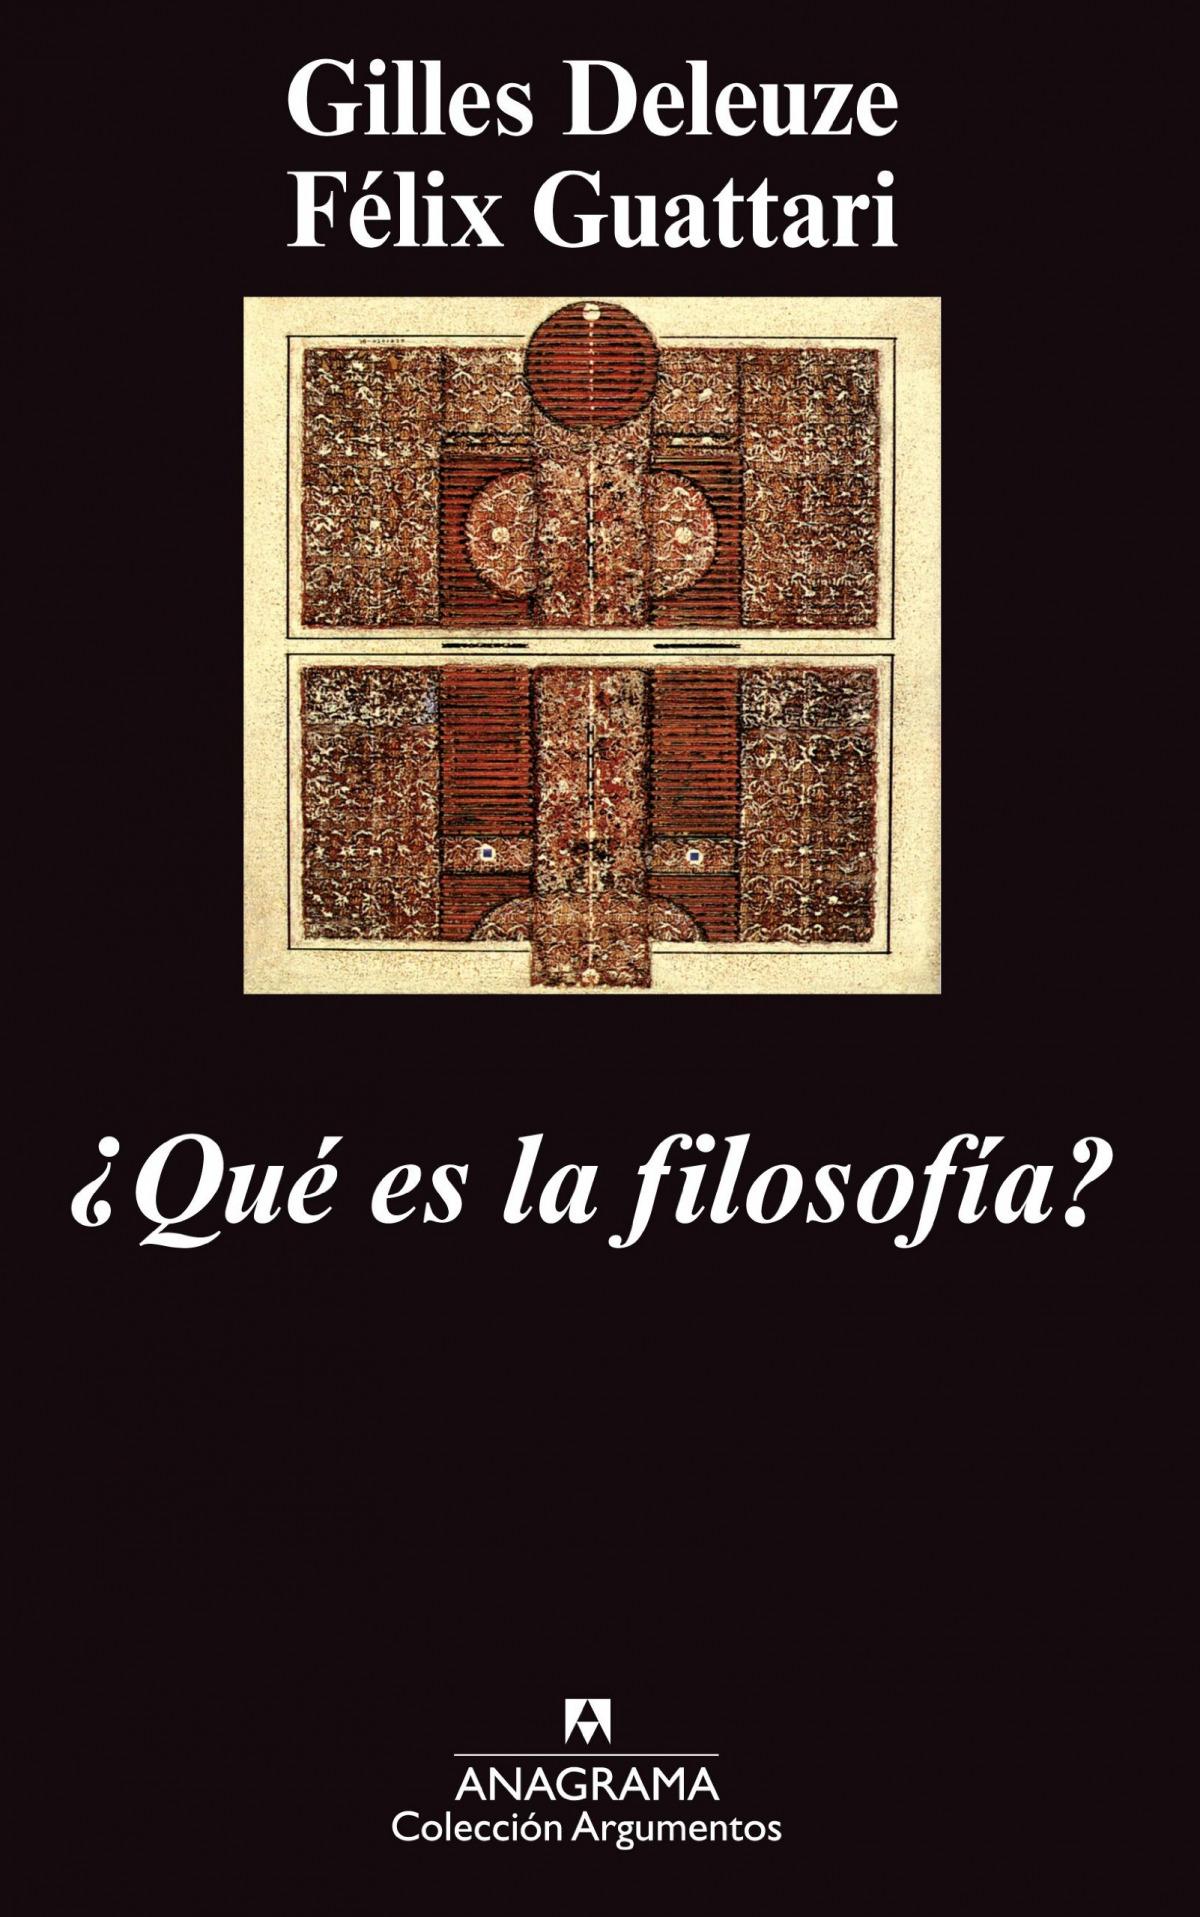 ¿Qué es la filosofía?